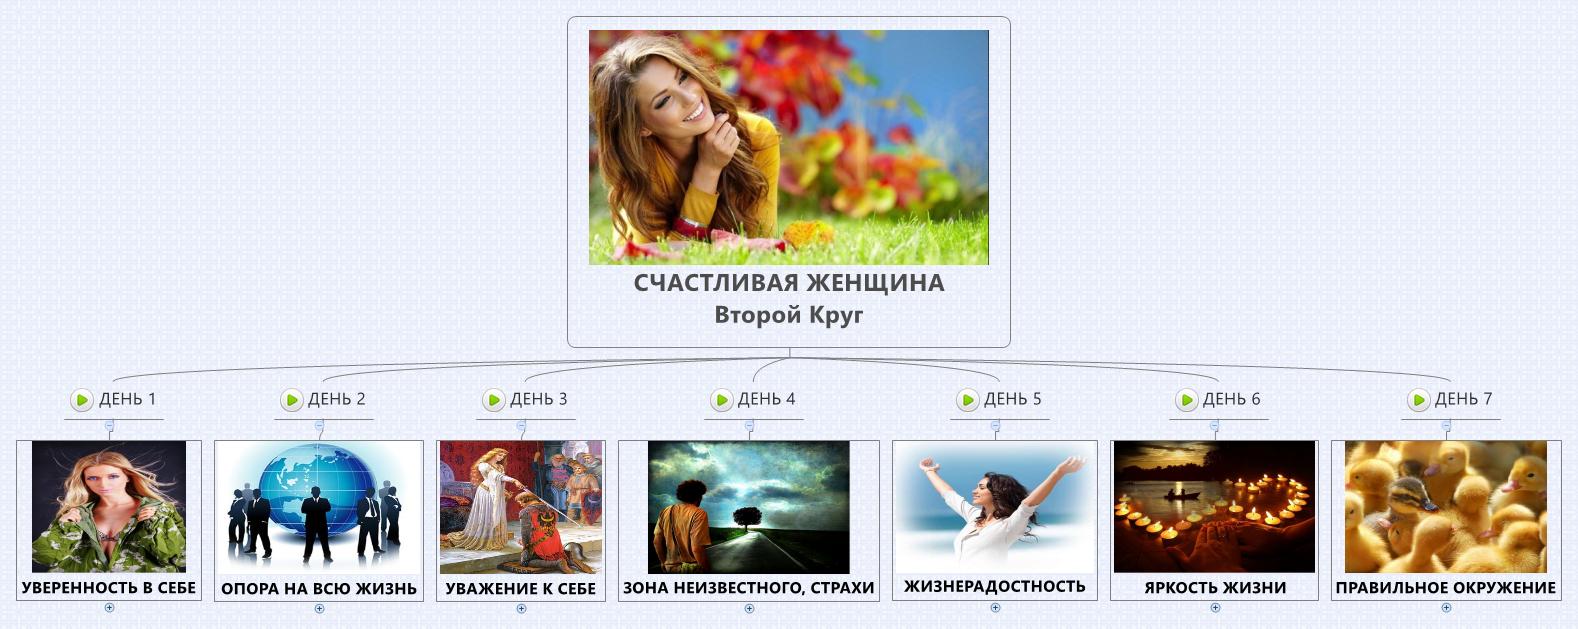 второй круг из тренинга СЧАСТЛИВАЯ ЖЕНЩИНА с Анной Лонске